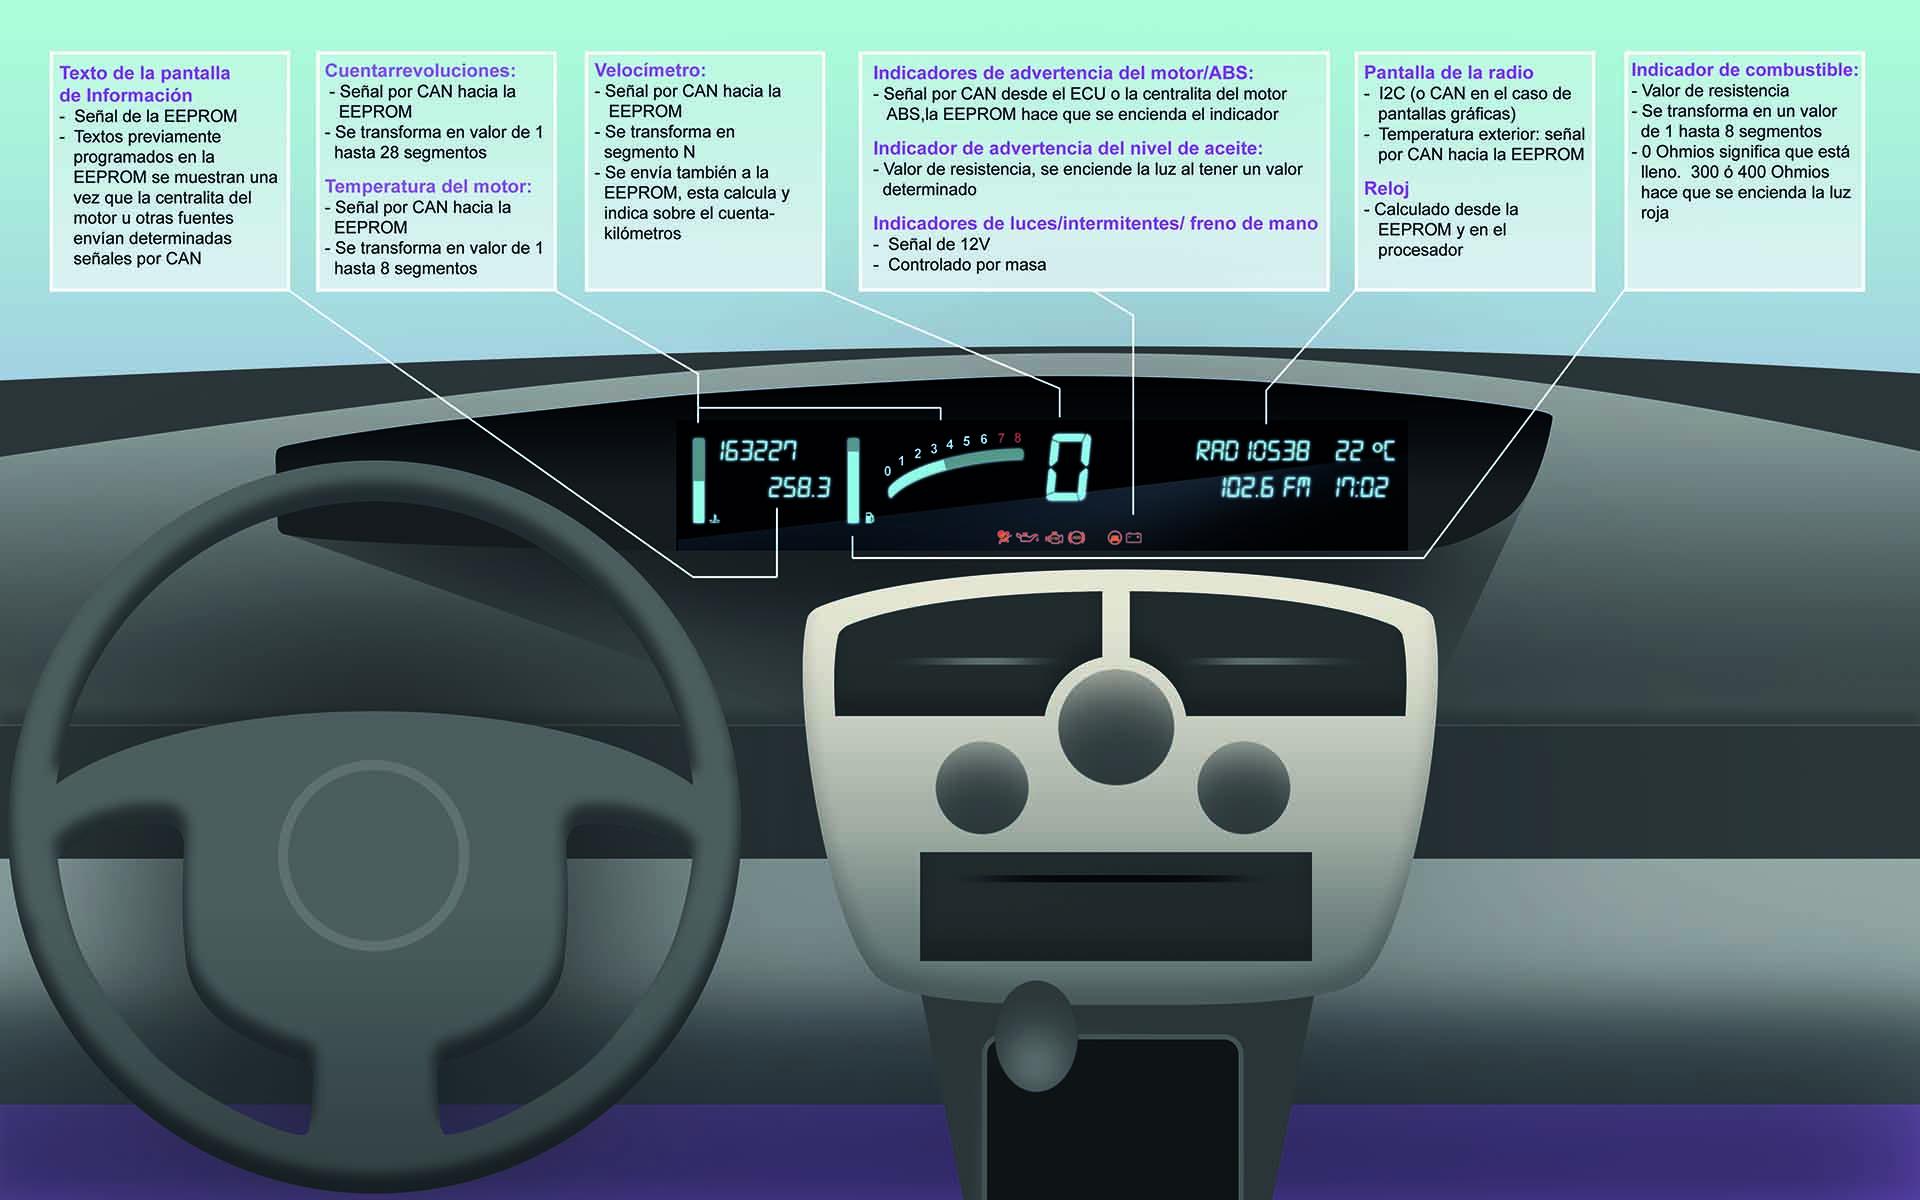 Cuadro de instrumentos Renault Scenic II 2003